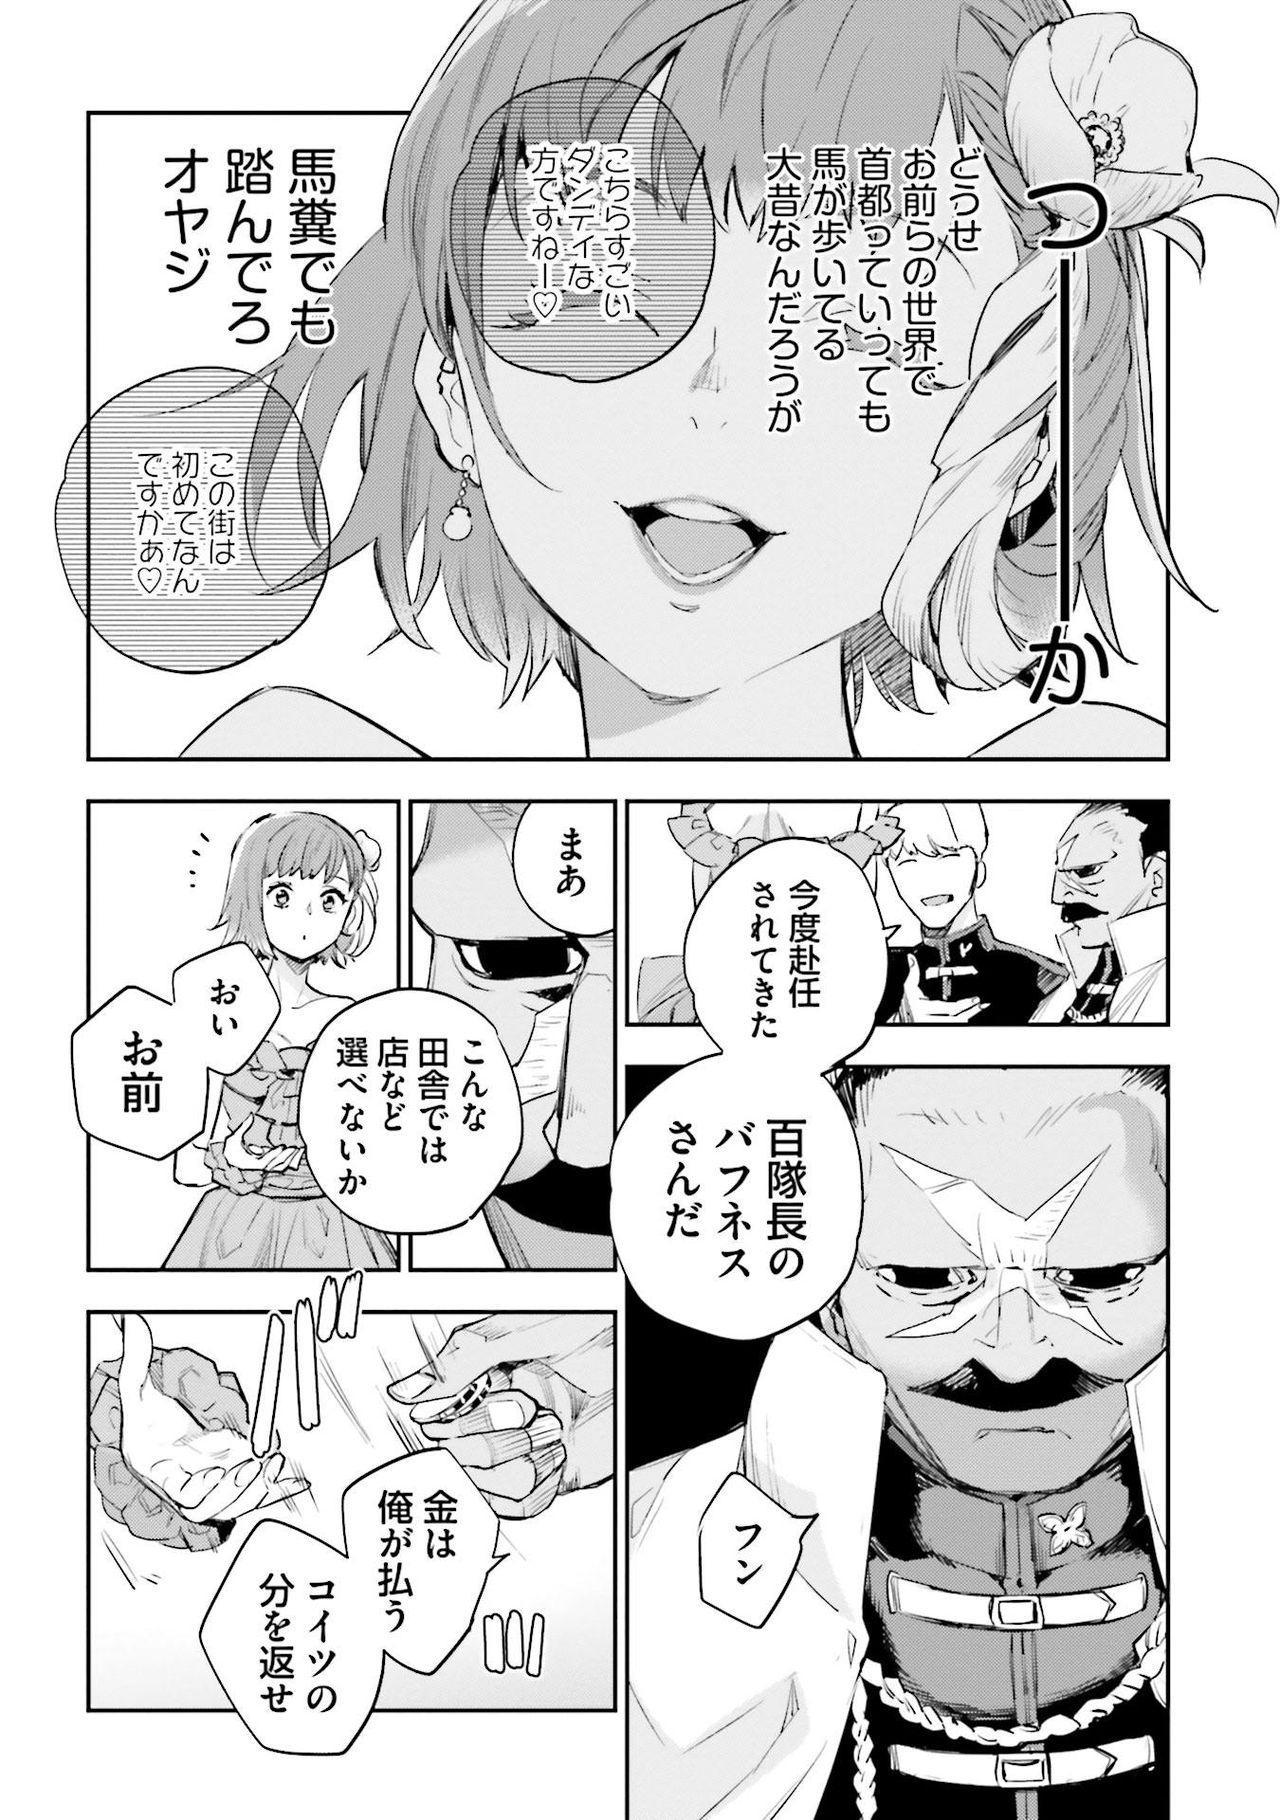 JK Haru wa Isekai de Shoufu ni Natta 1-14 525